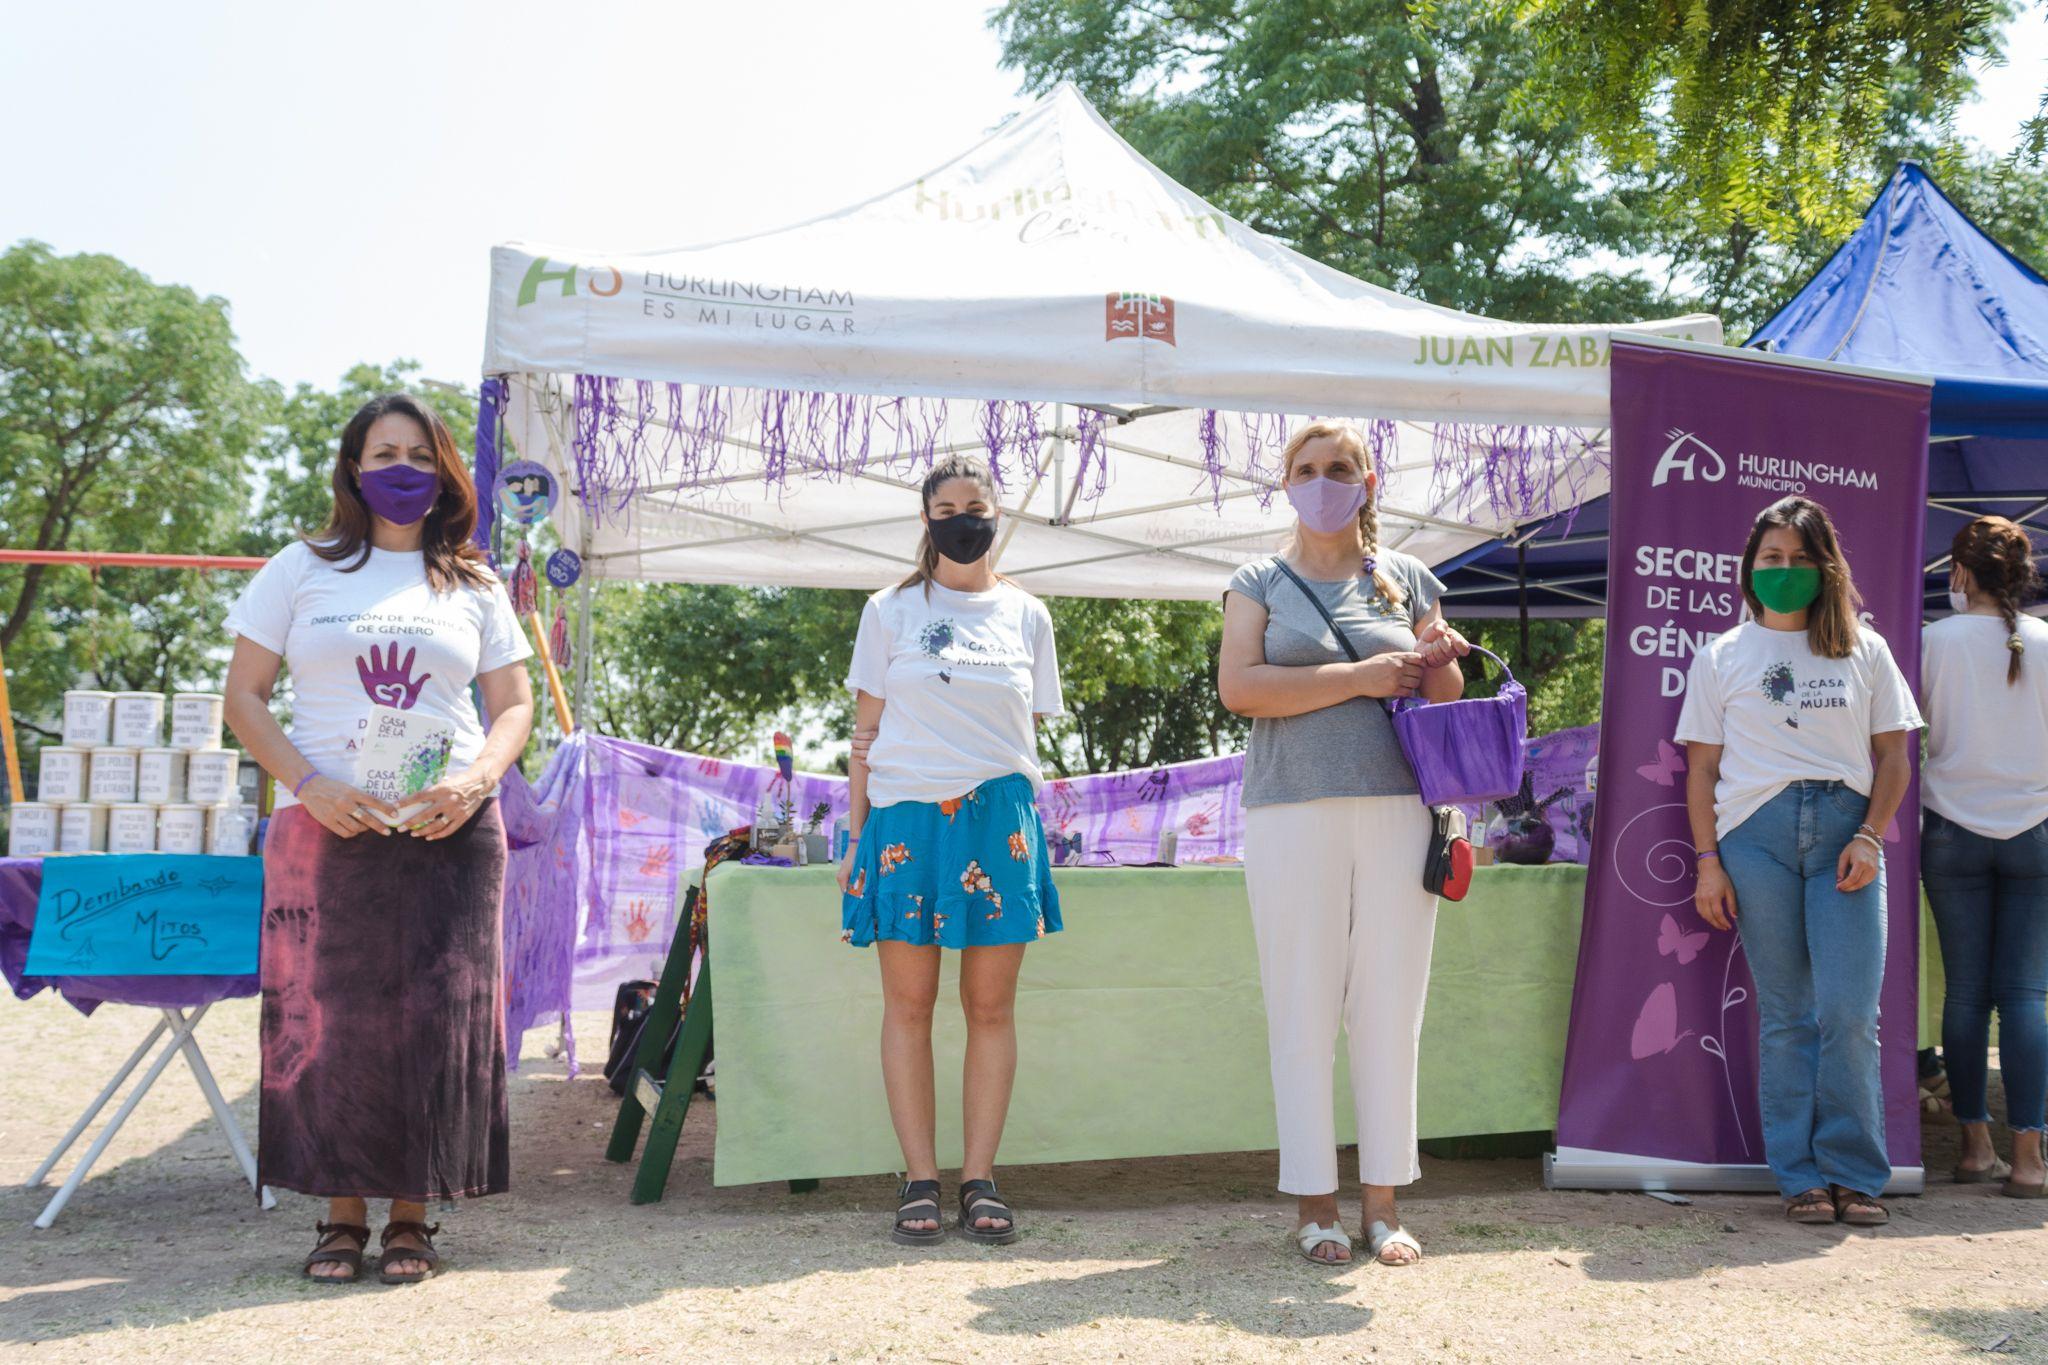 Hurlingham: El Municipio conmemora la Semana de la Eliminación de la Violencia contra la Mujer con actividades en todo el distrito